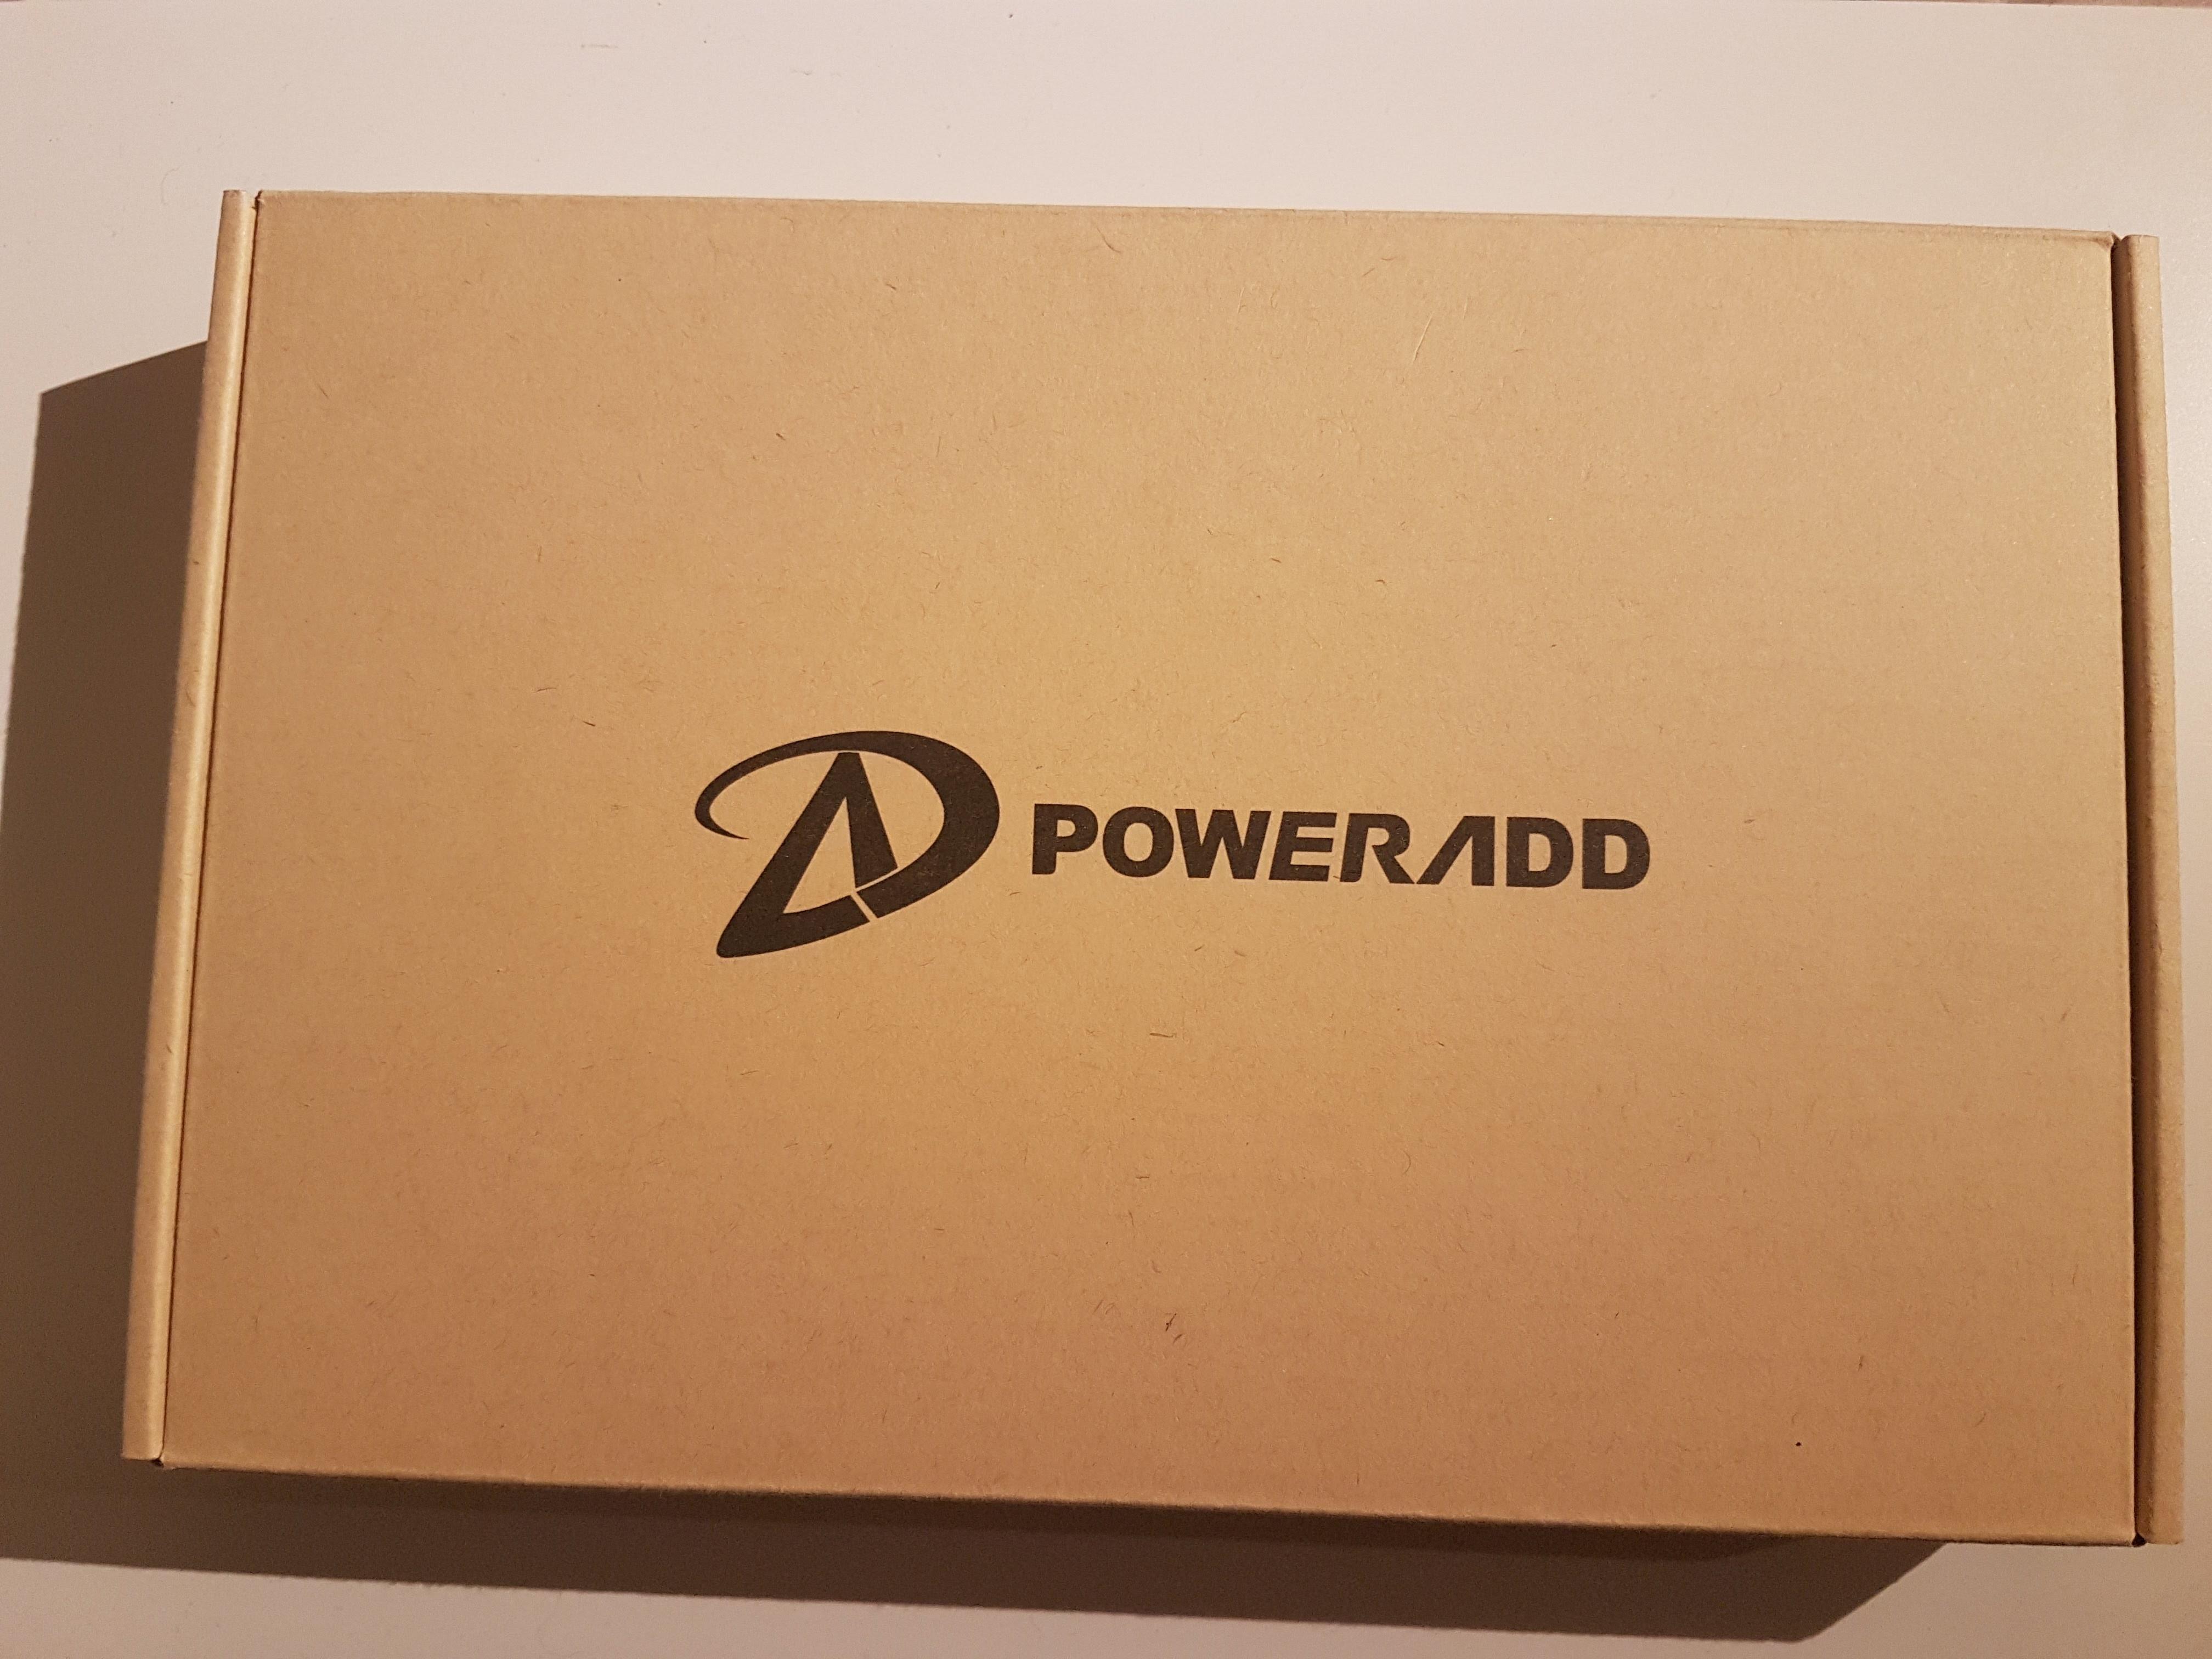 POWERADD-Clavier-Bluetooth-AZERTY - POWERADD-Clavier-Bluetooth-AZERTY-1.jpg